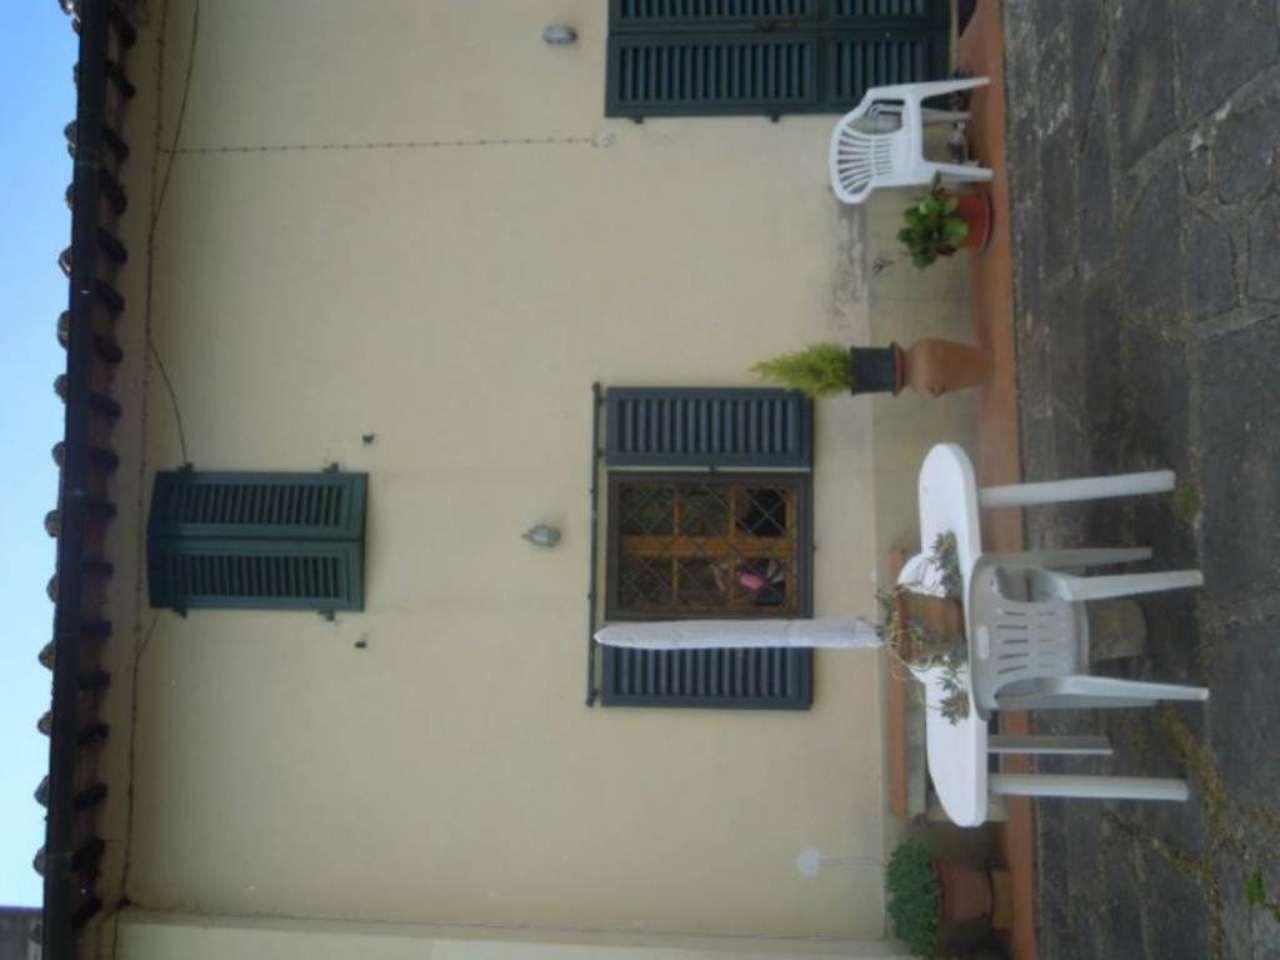 Bilocale San Casciano in Val di Pesa Via Strada Provinciale Via Cerraltese 12